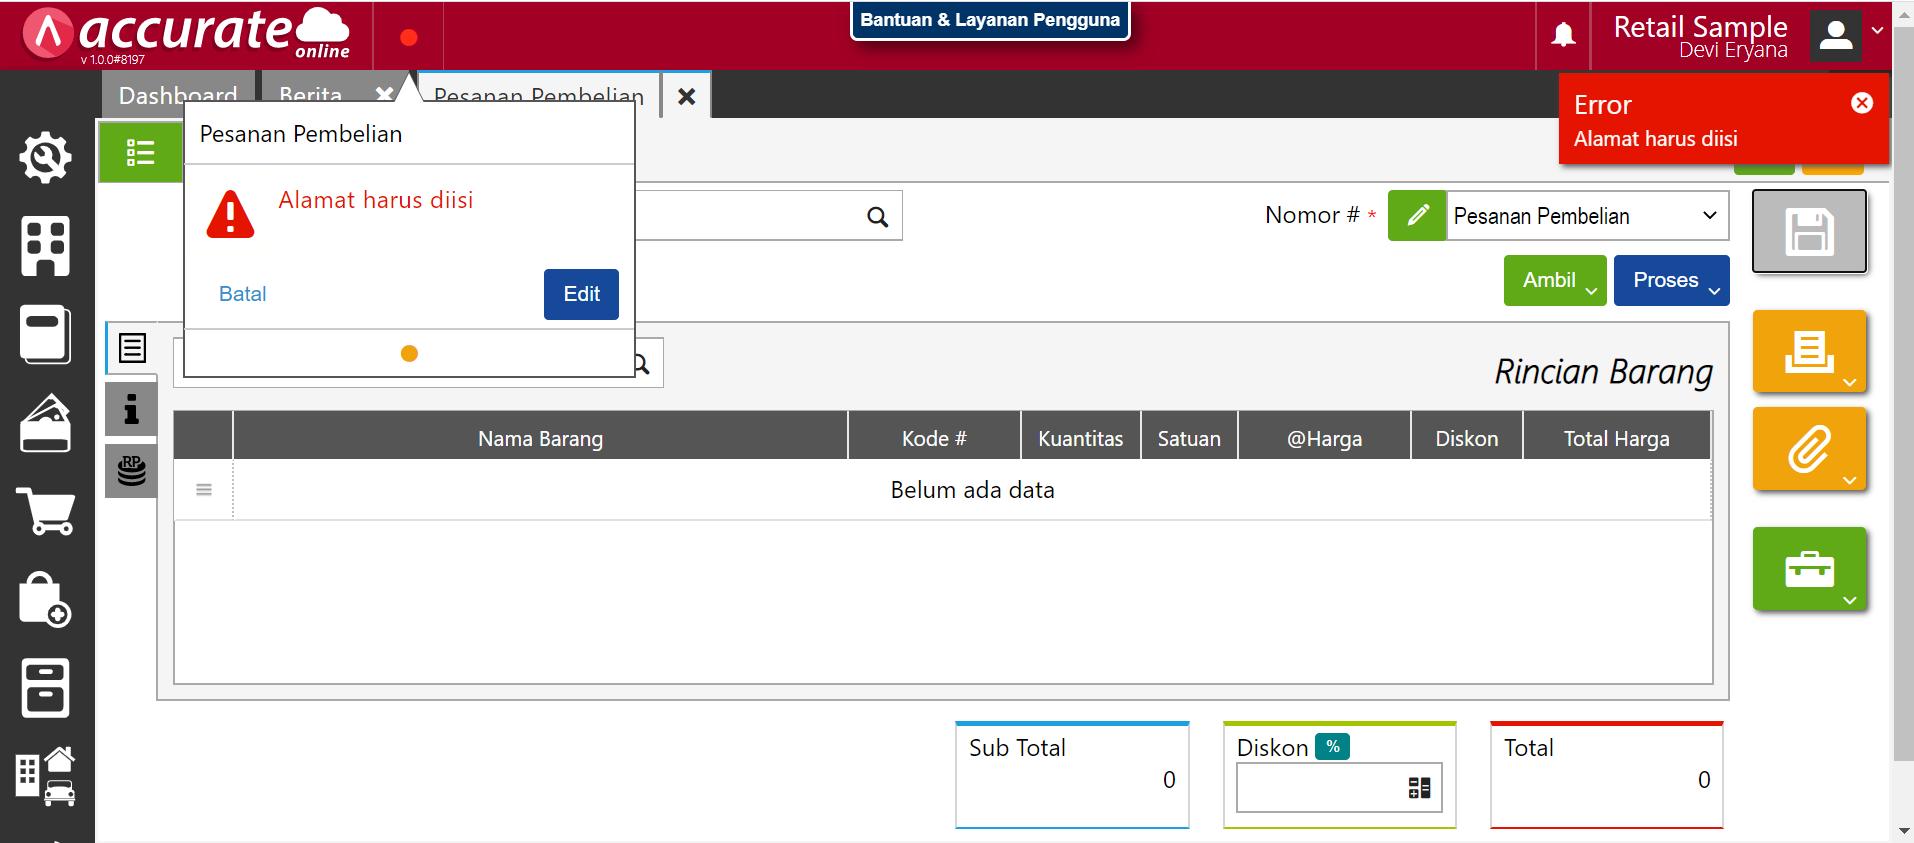 error pada saat input pesanan pembelian di accurate online